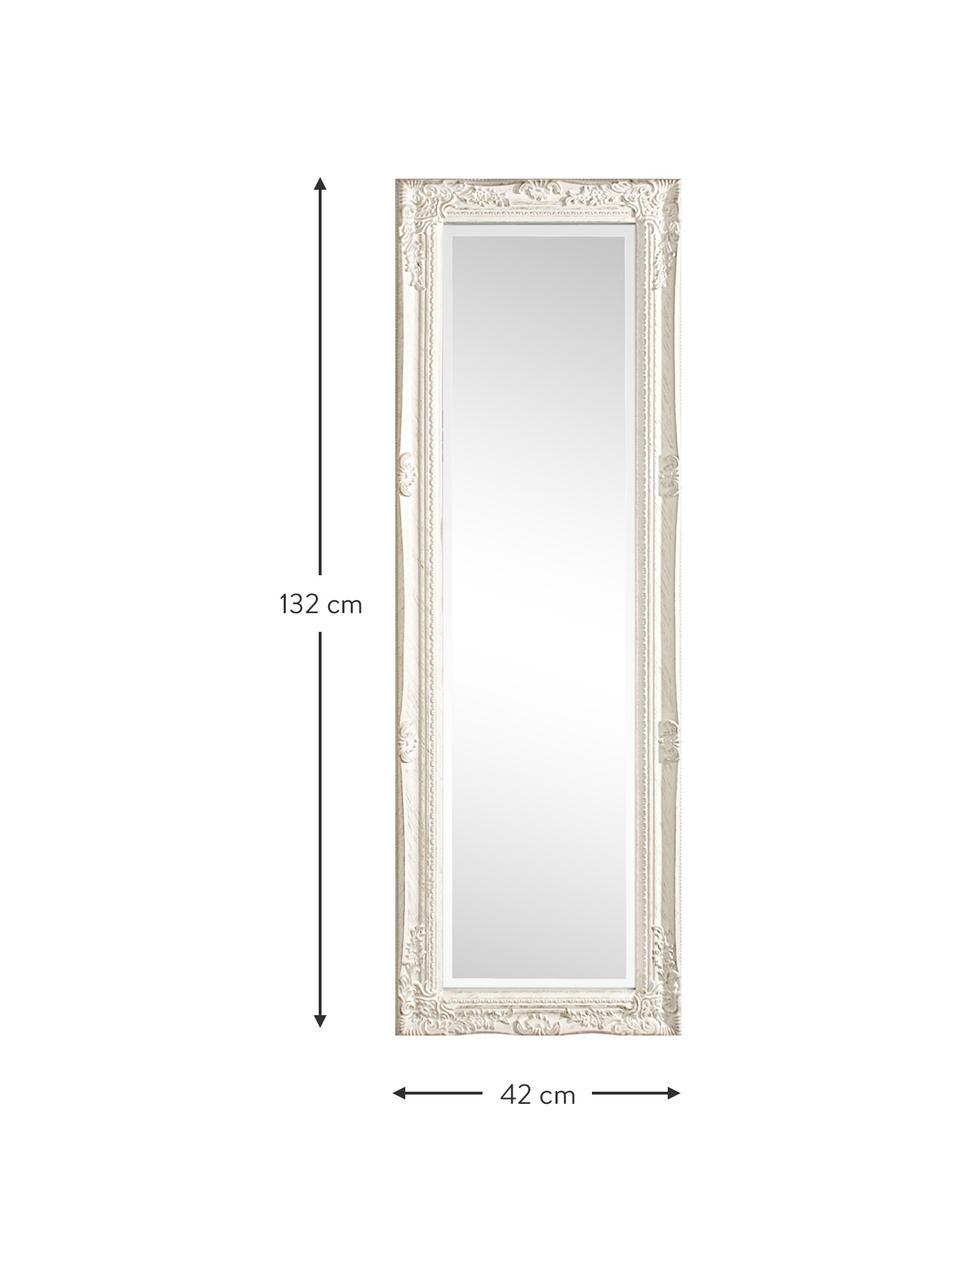 Specchio da parete quadrato con legno bianco Miro, Cornice: legno di paulownia rivest, Superficie dello specchio: lastra di vetro, Bianco, Larg. 42 x Alt. 132 cm